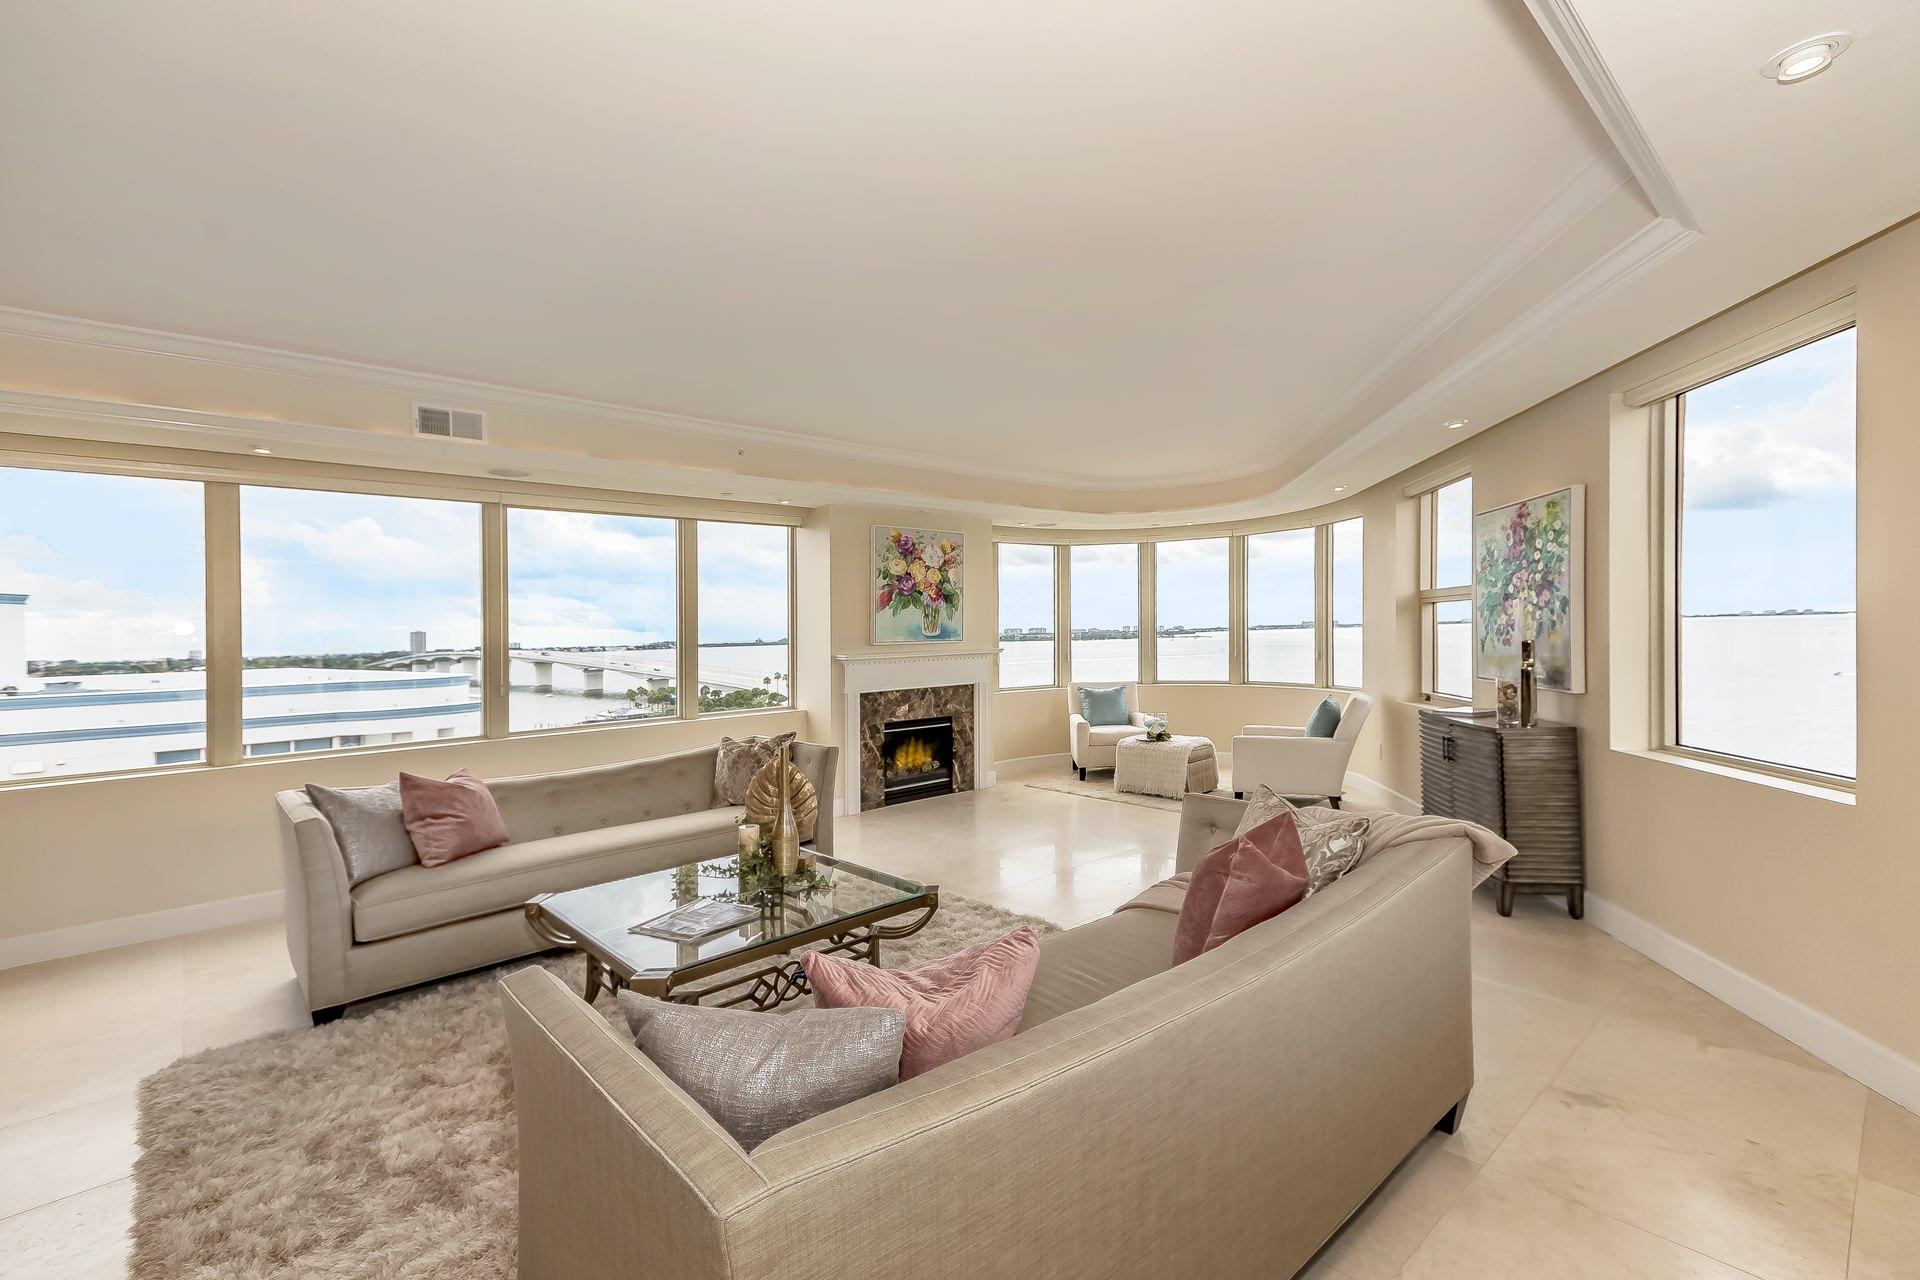 Golden Gate Point Luxury Condo